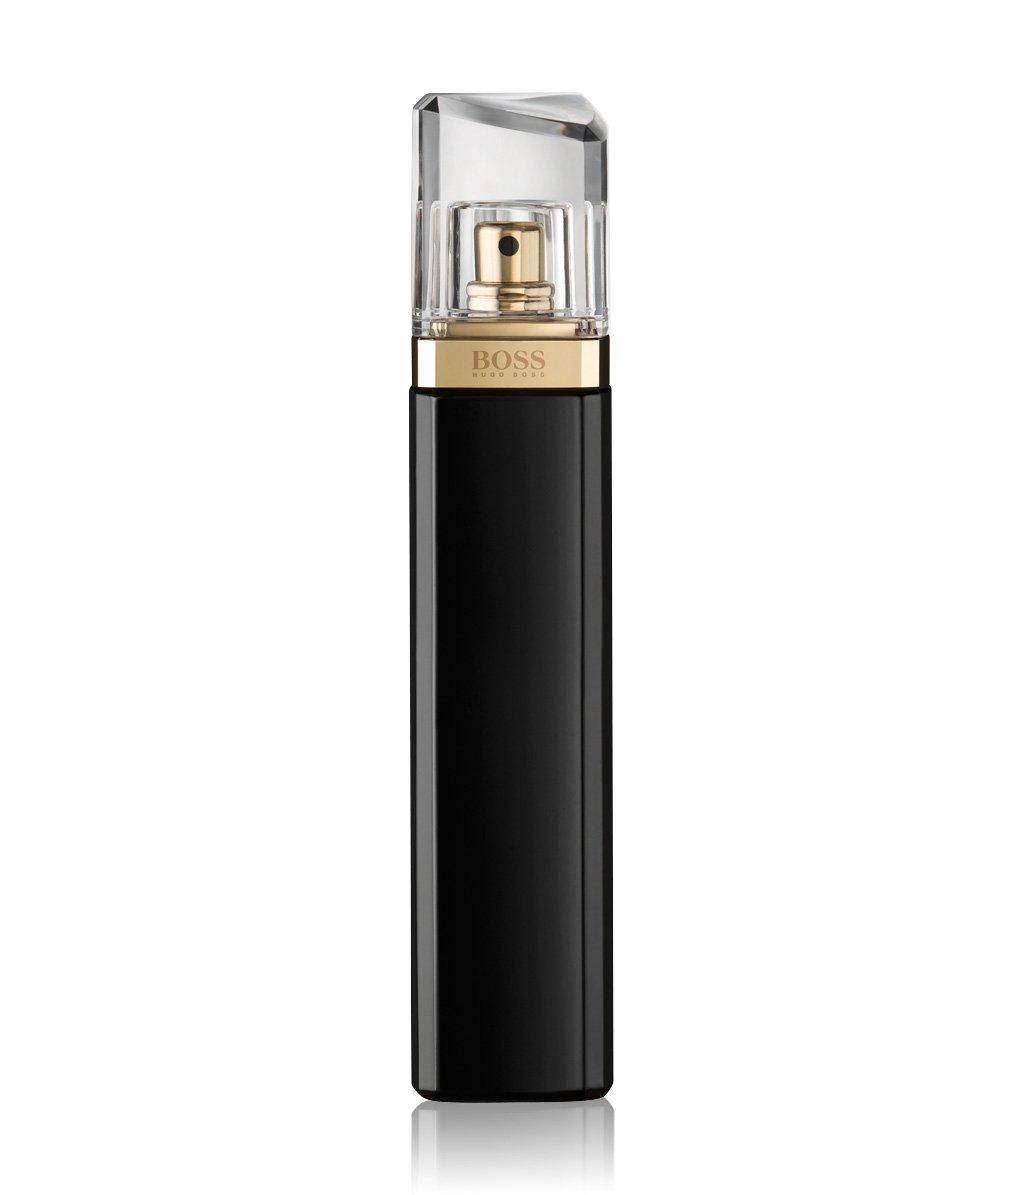 boss nuit pour femme parfum online bestellen flaconi. Black Bedroom Furniture Sets. Home Design Ideas